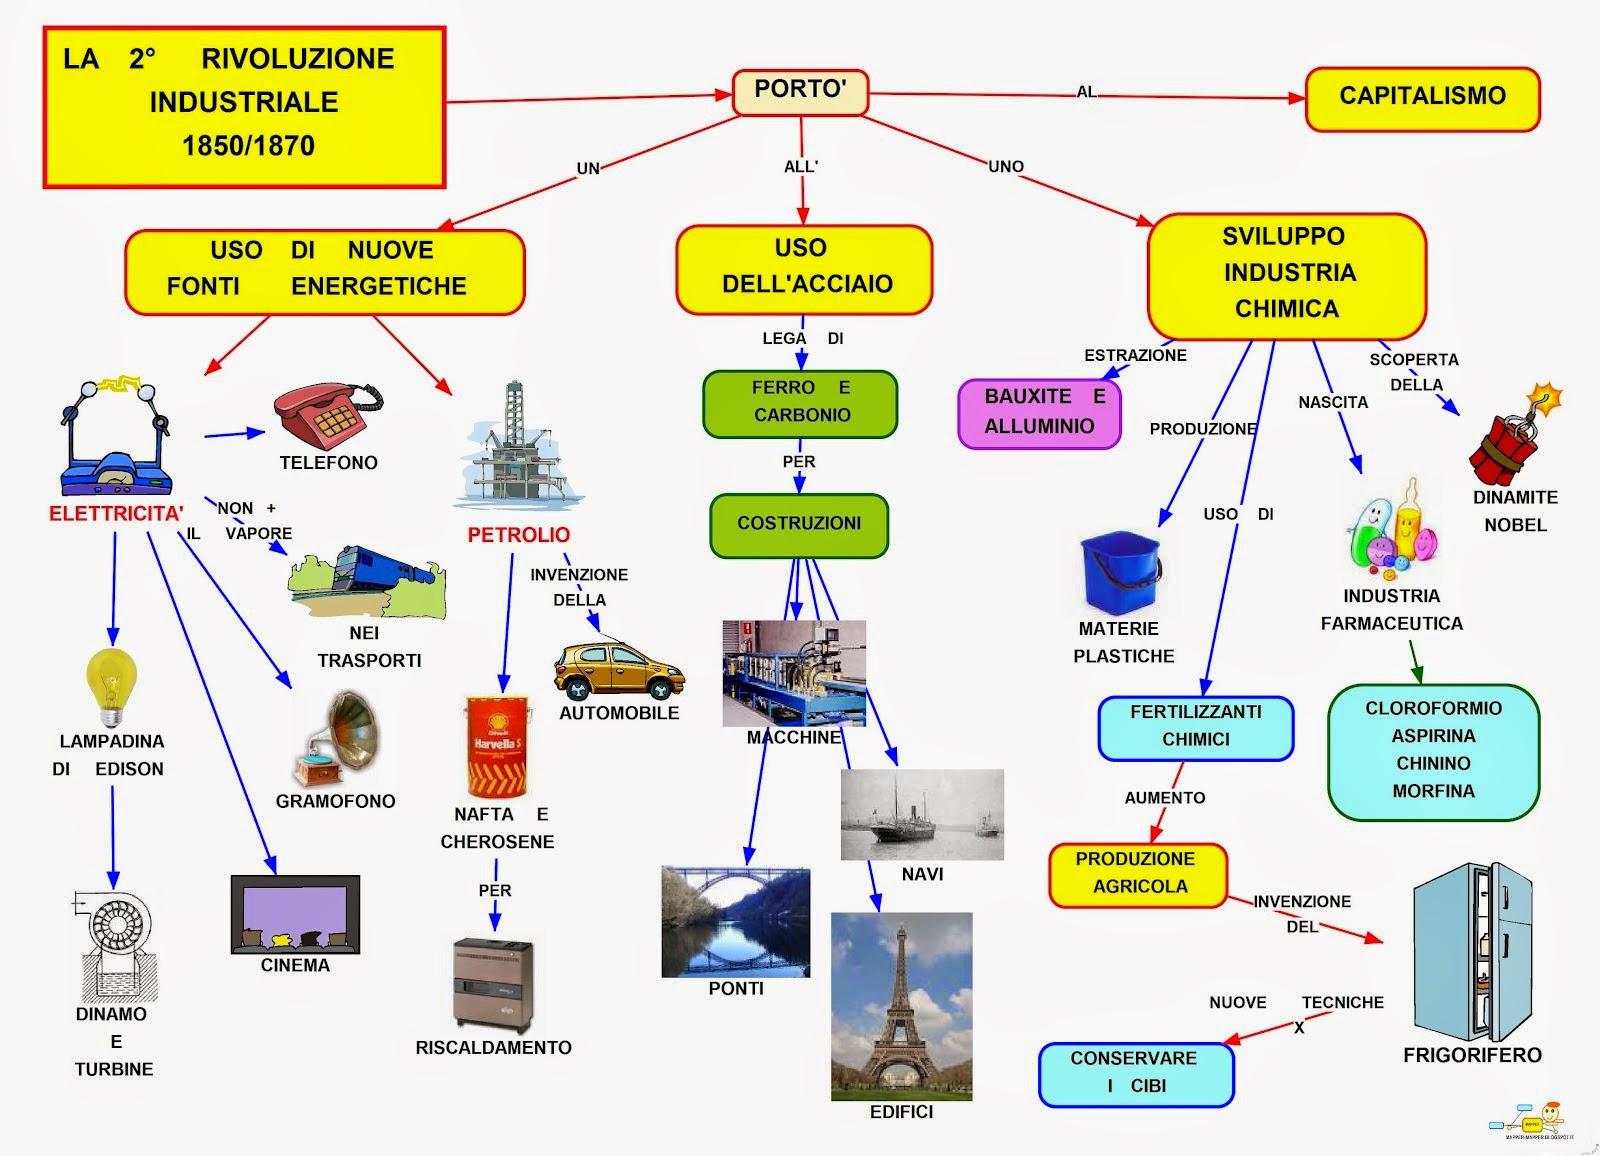 La Seconda Rivoluzione industriale giorgiobaruzzi - LetteraTUreStorie